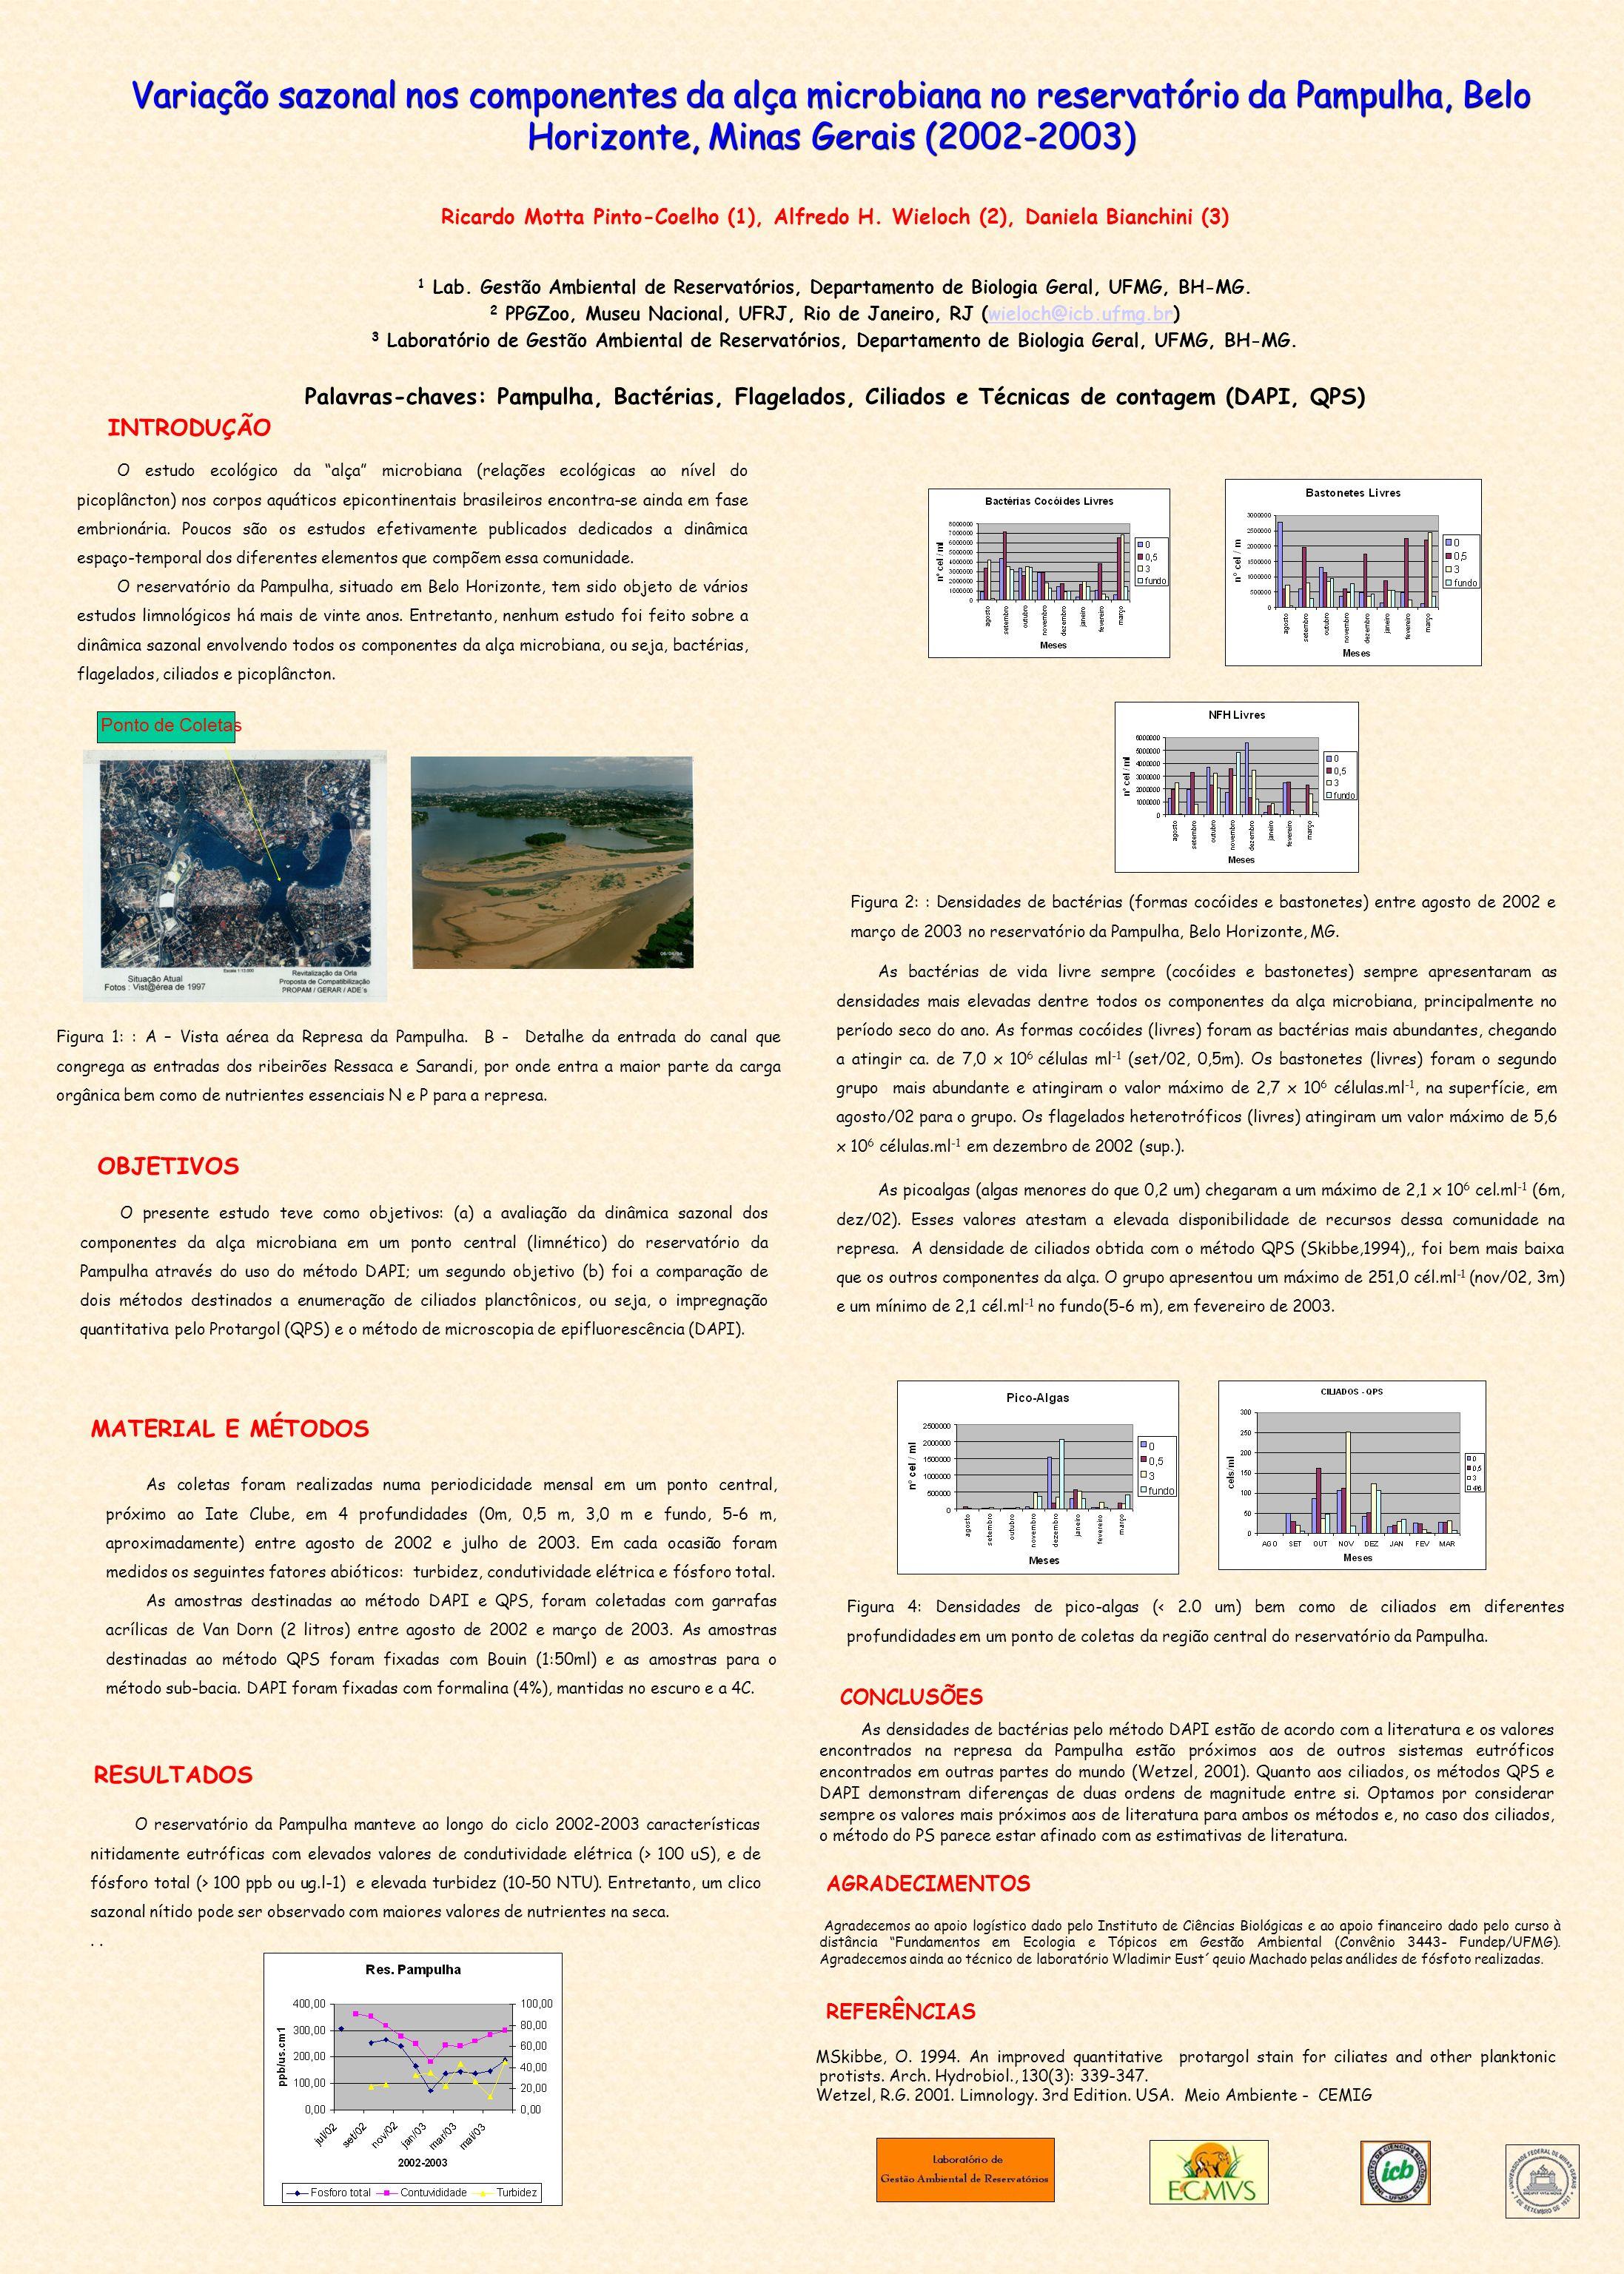 Variação sazonal nos componentes da alça microbiana no reservatório da Pampulha, Belo Horizonte, Minas Gerais (2002-2003)